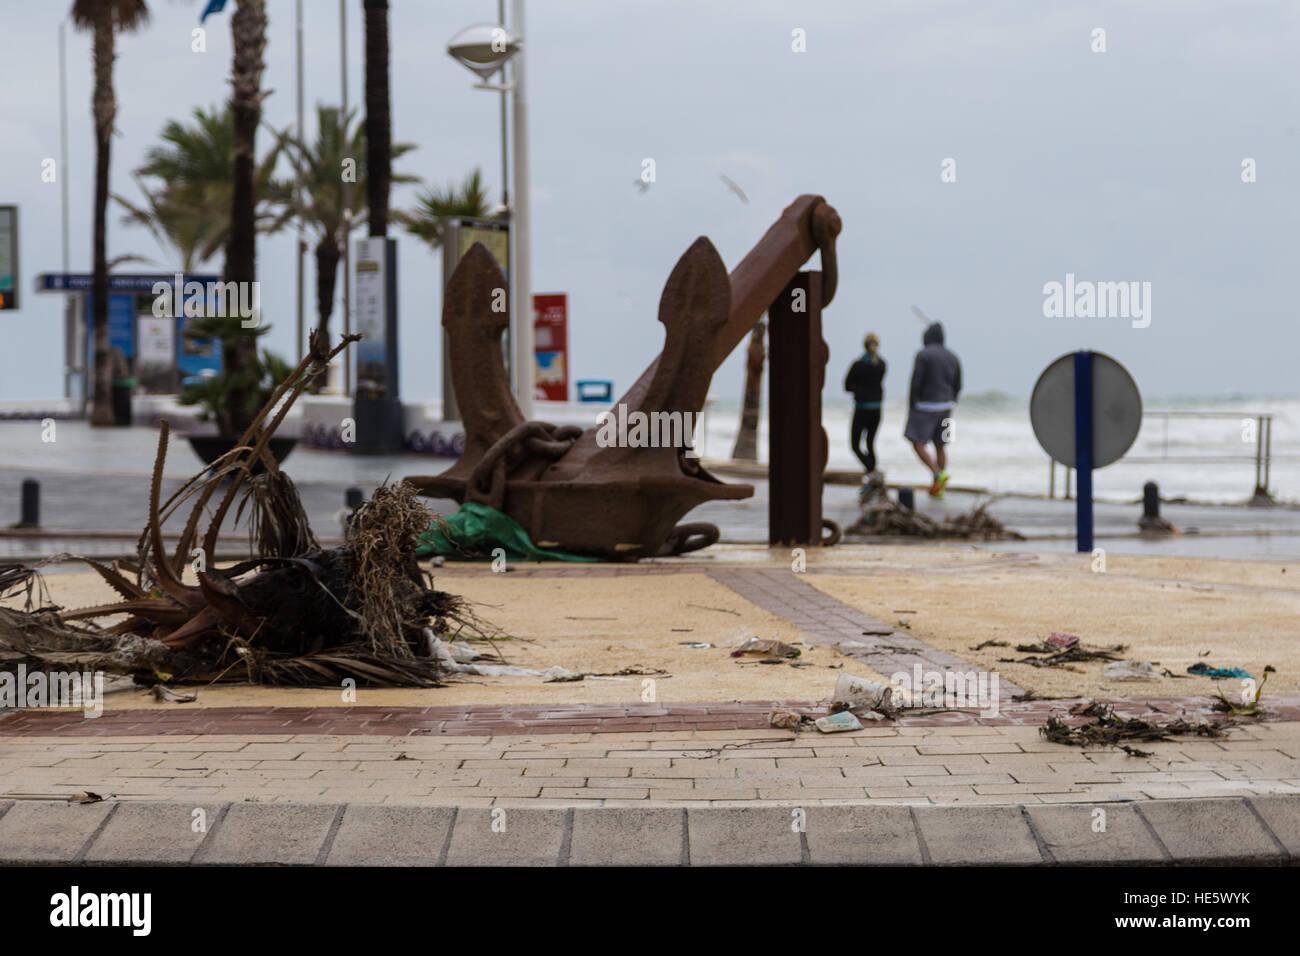 La Cala de Finestrat, Benidorm, Spain  17th December, 2016  Debris